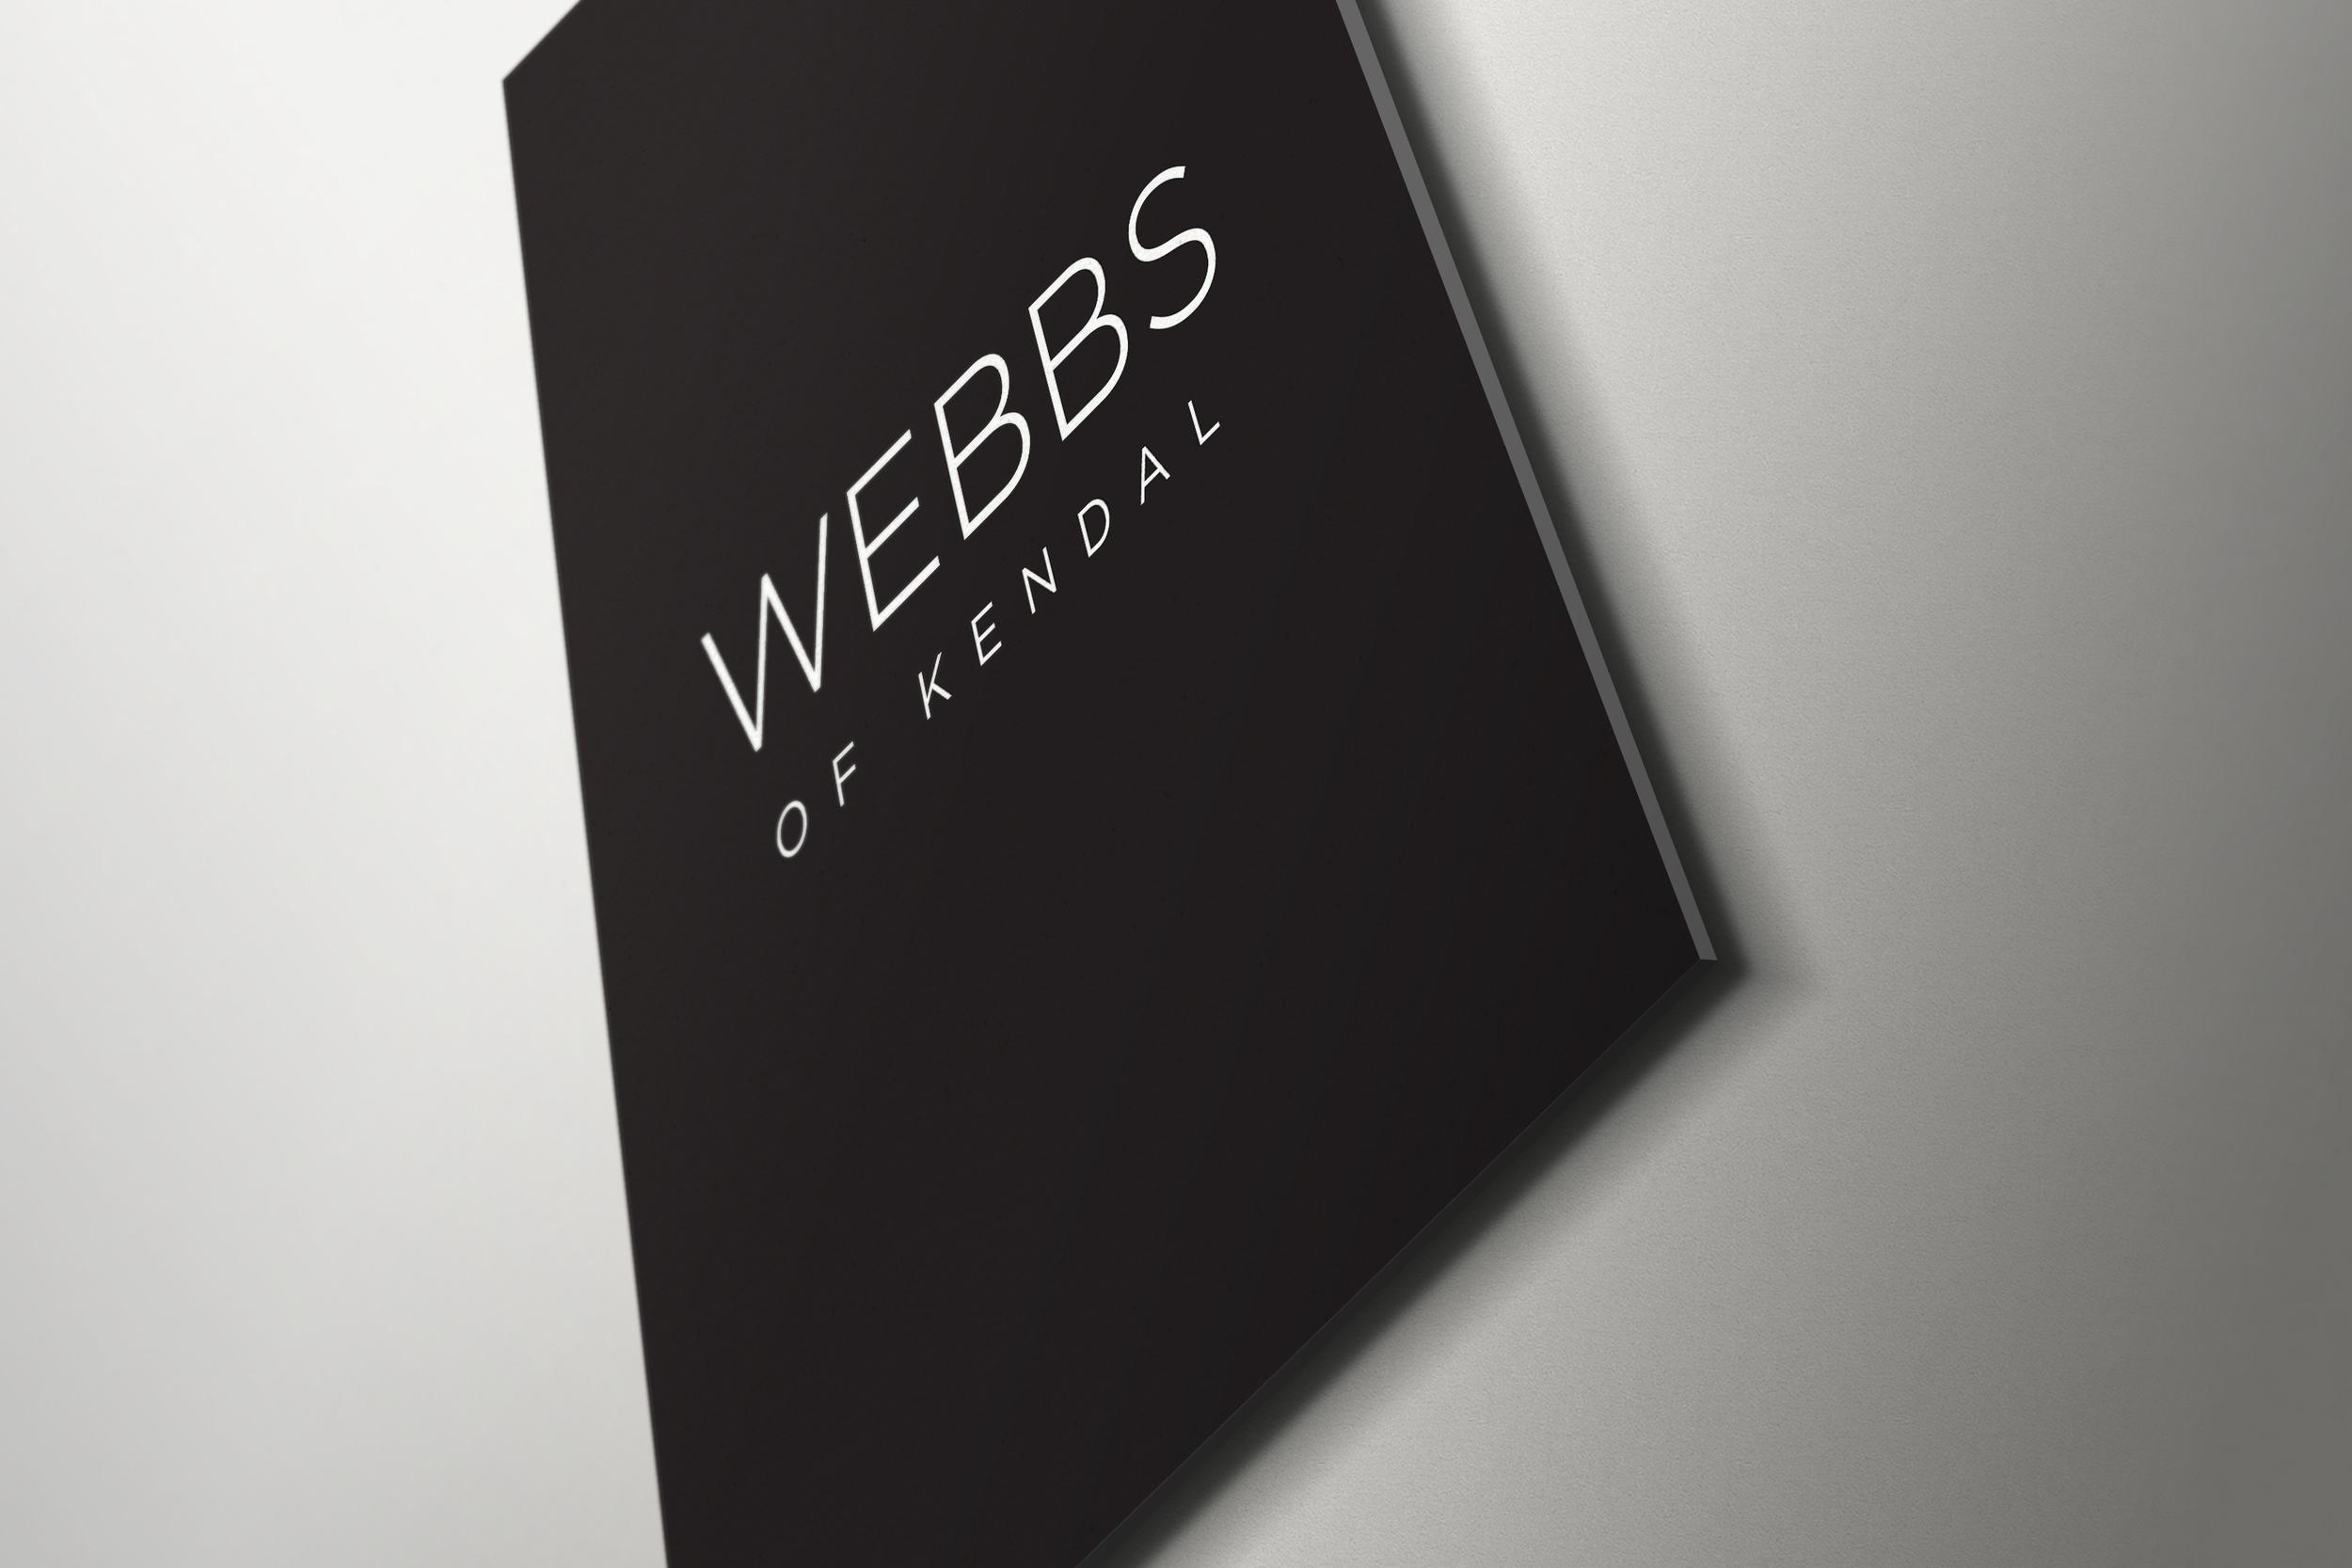 webbslogo.jpg